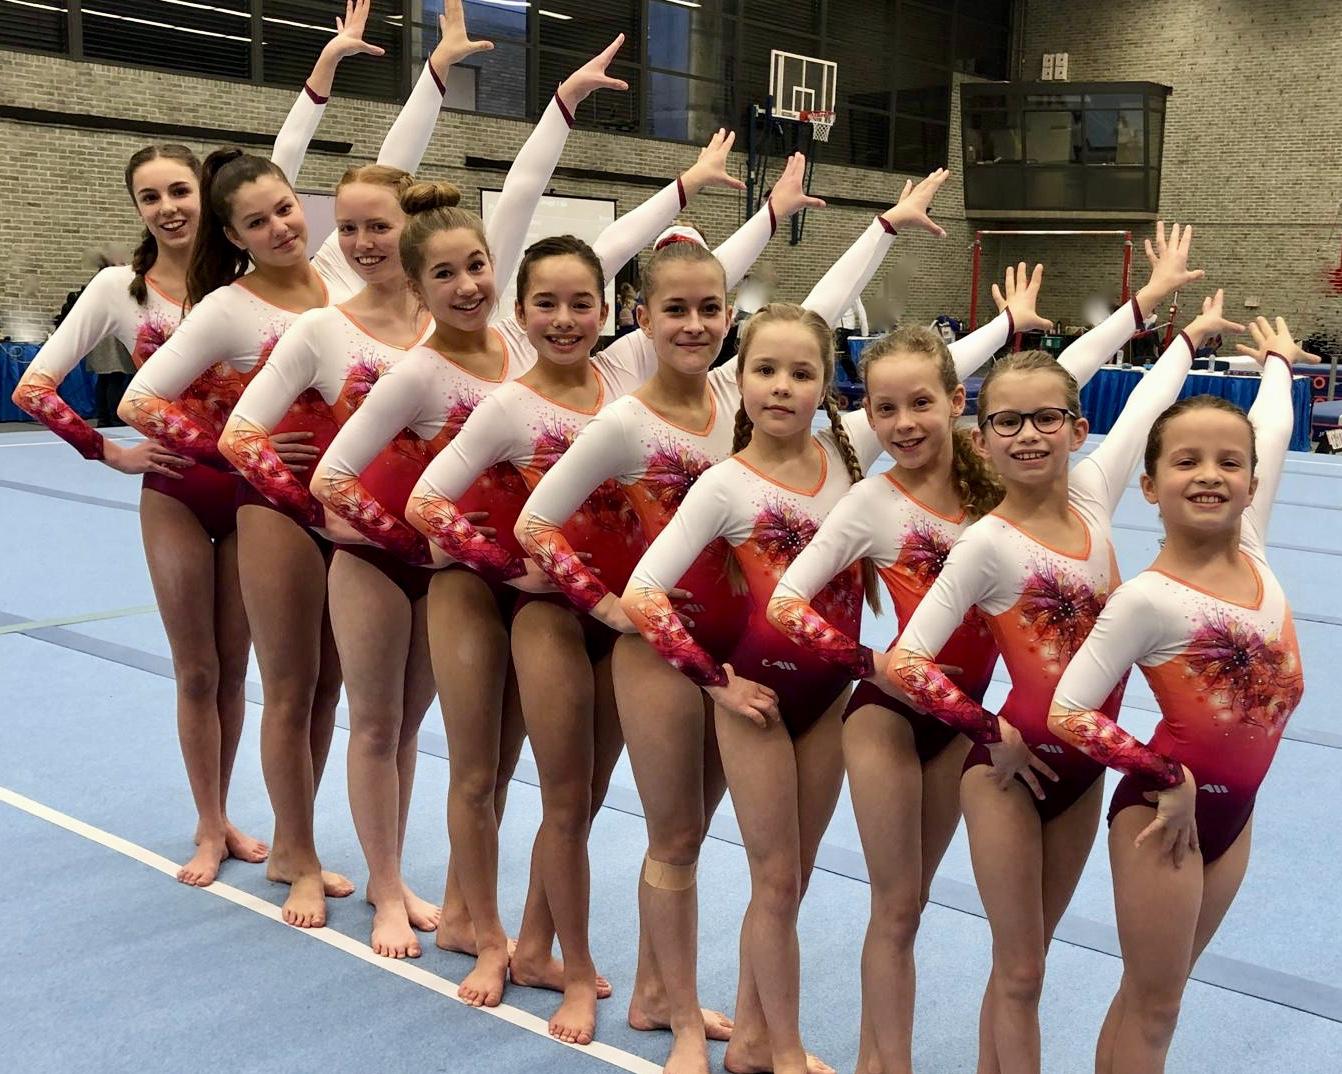 2e/3e Divisie Dames 2019